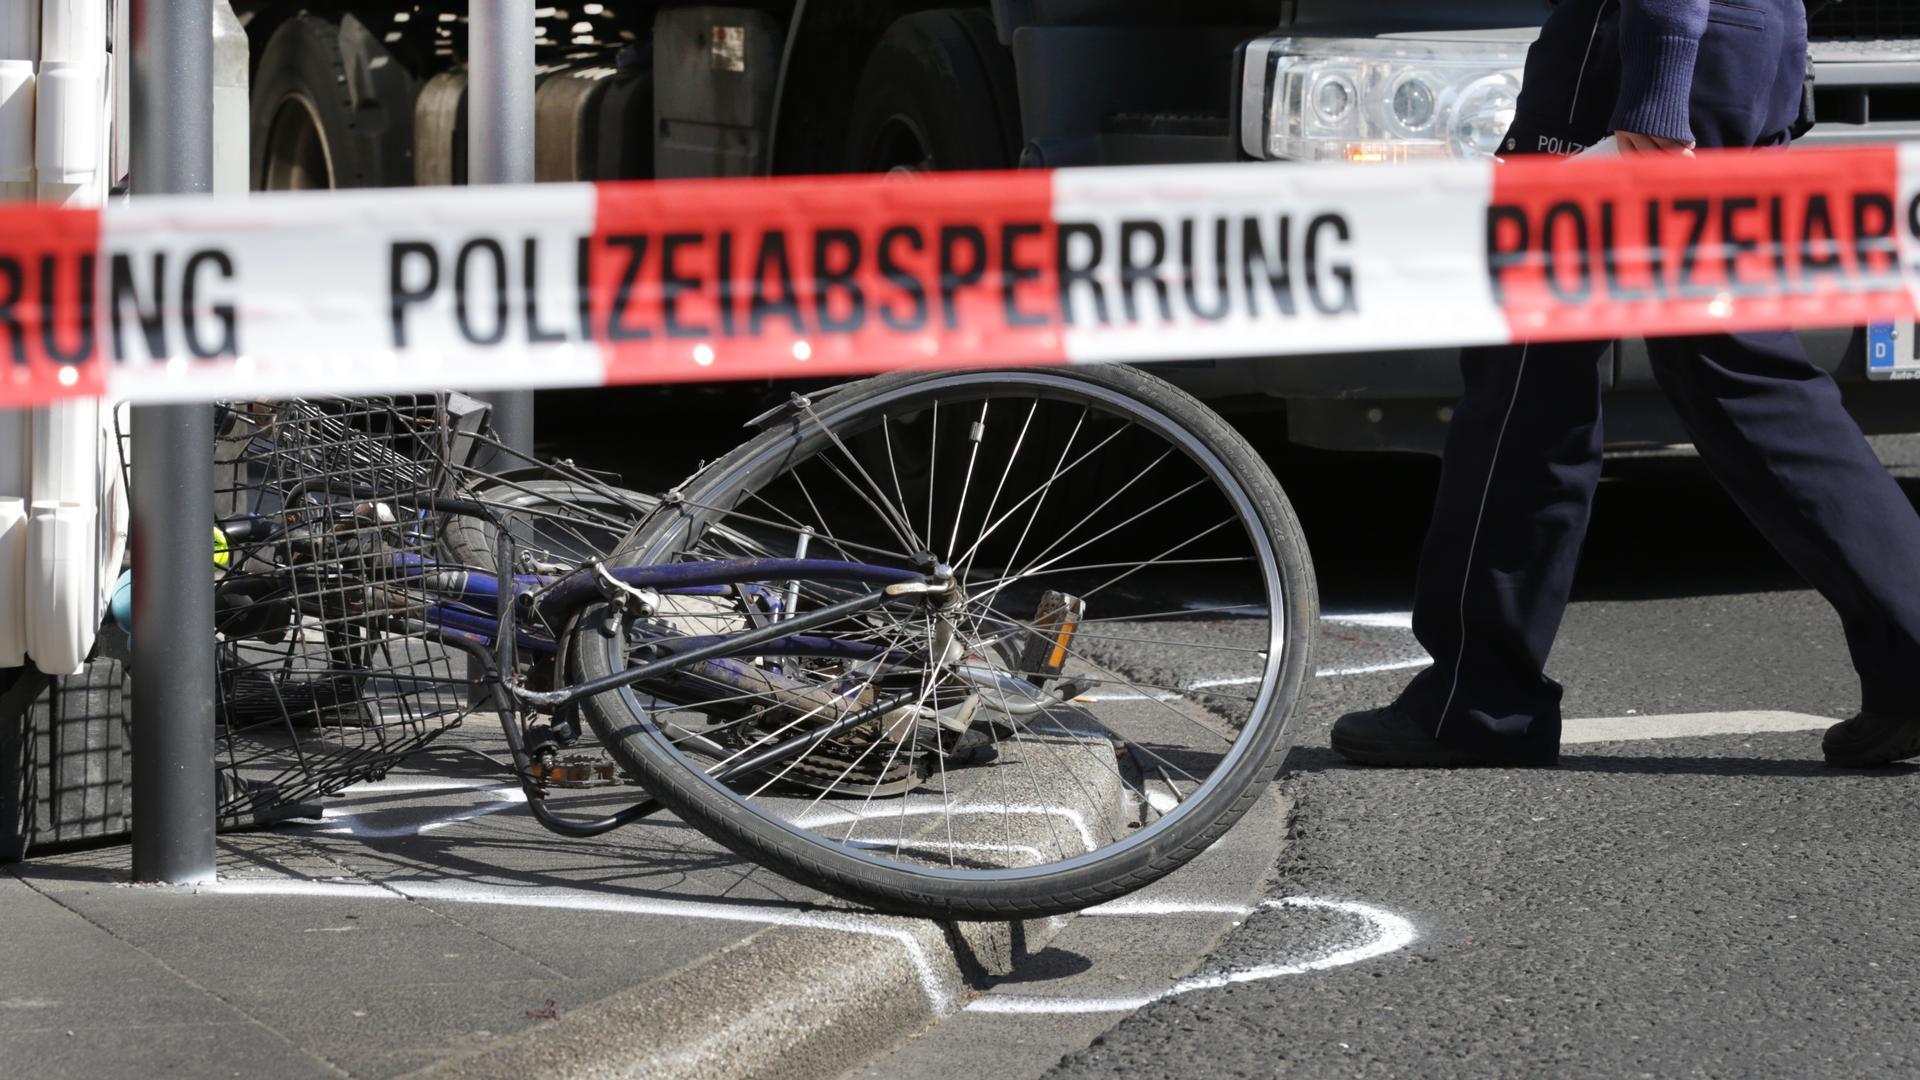 Hinter einem Absperrband mit der Aufschrift «Polizeiabsperrung» liegt am Unfallort ein Fahrrad vor einem Lastwagen.